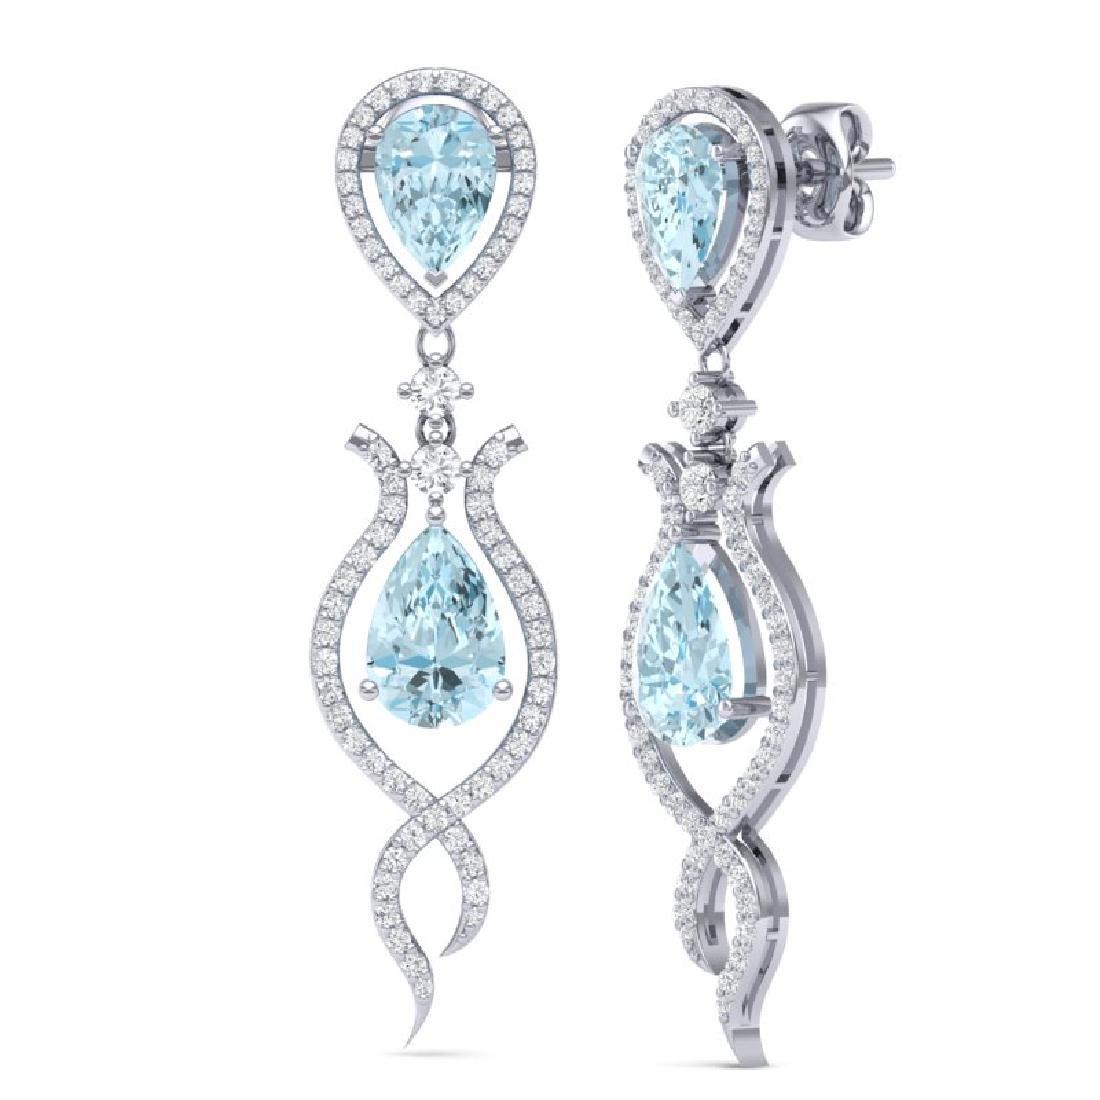 16.57 CTW Royalty Sky Topaz & VS Diamond Earrings 18K - 2